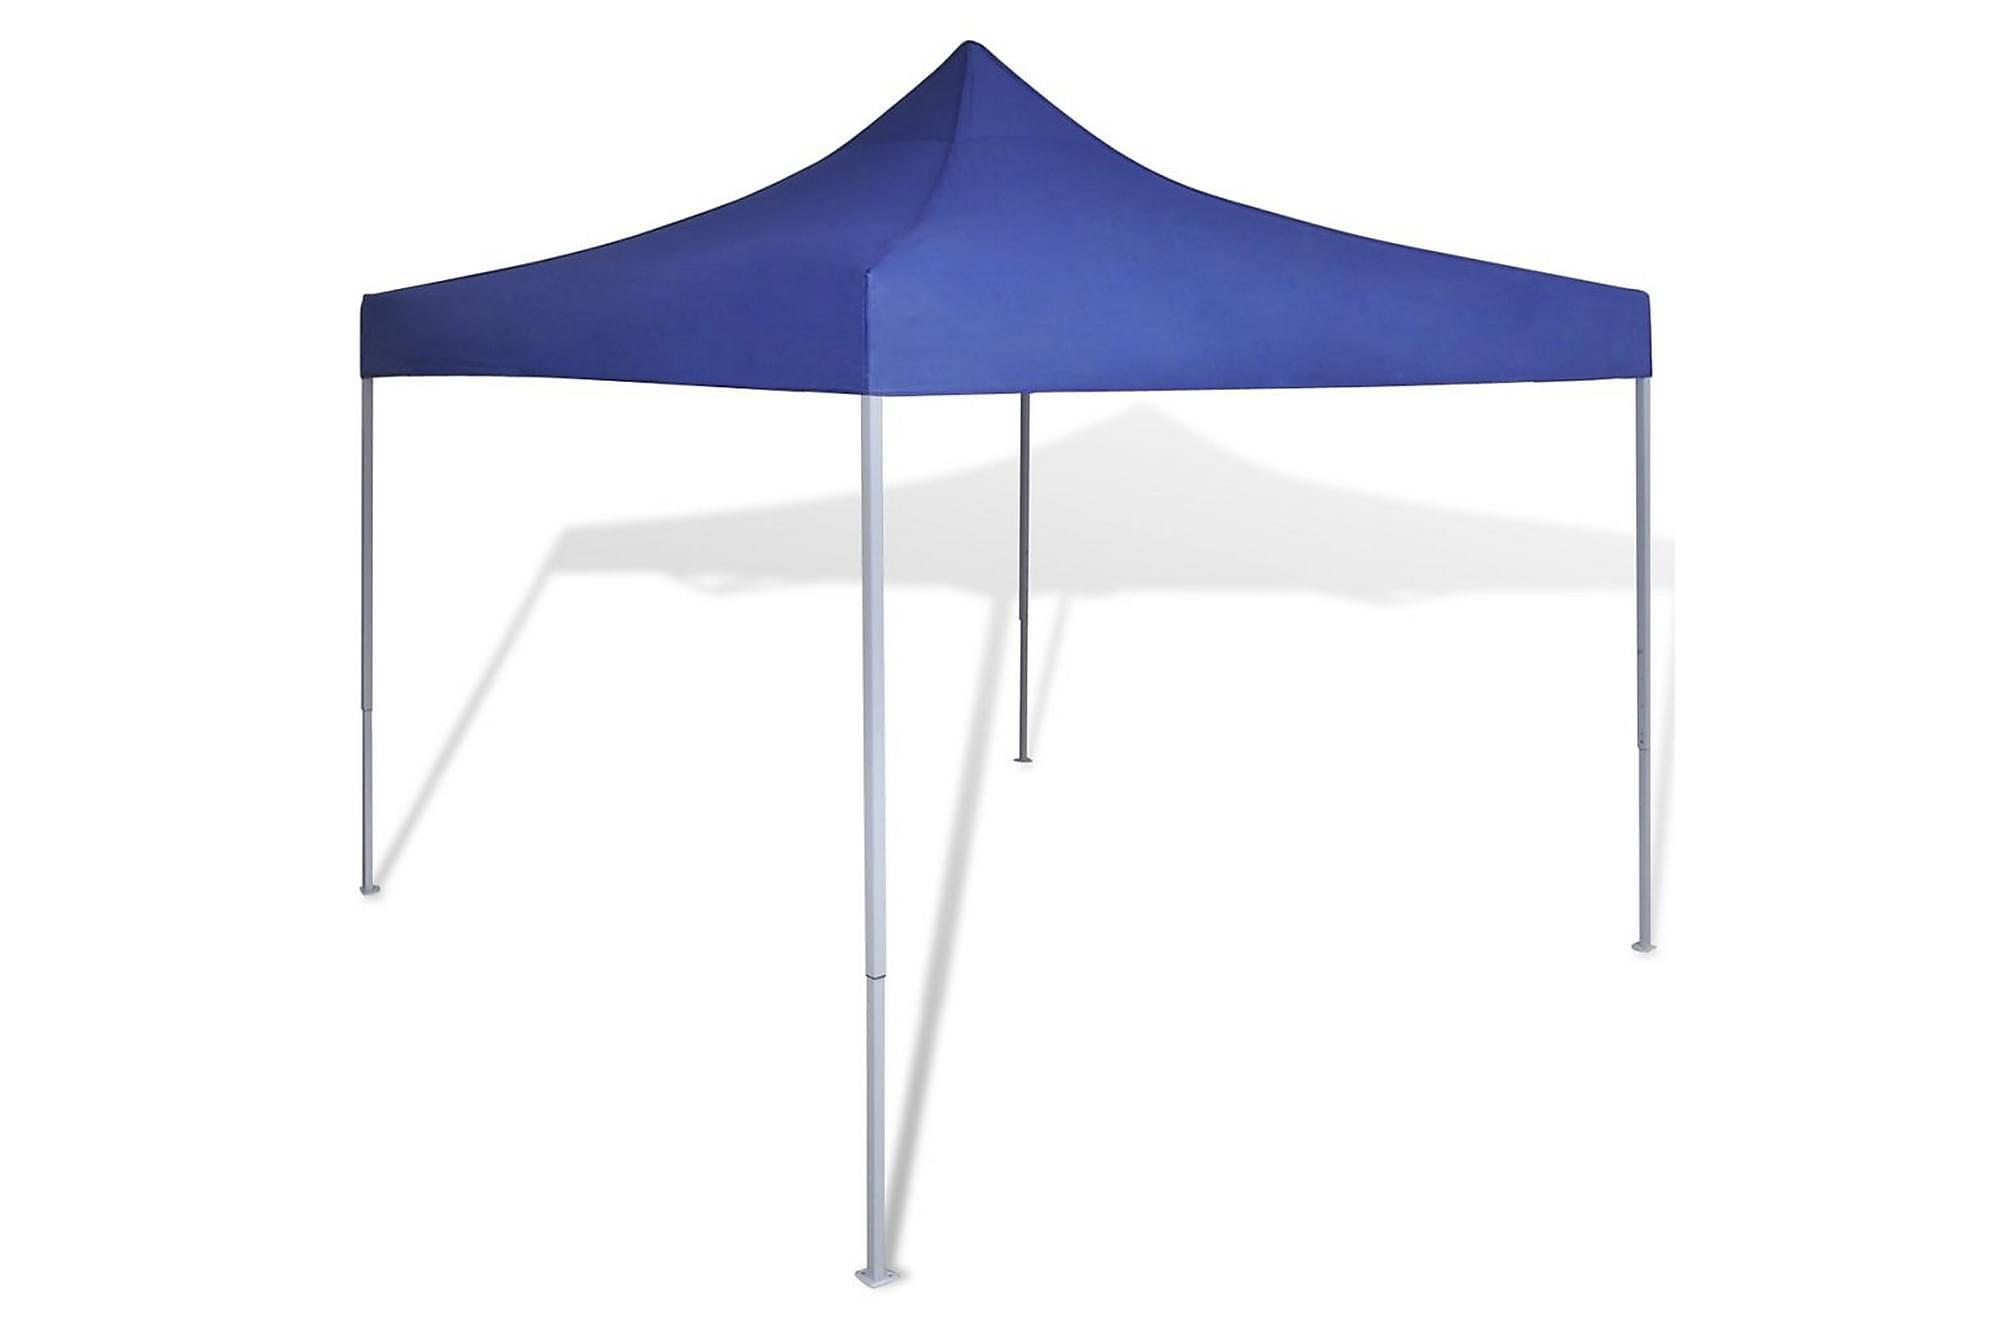 Blått hopfällbart tält 3 x 3 m, Partytält